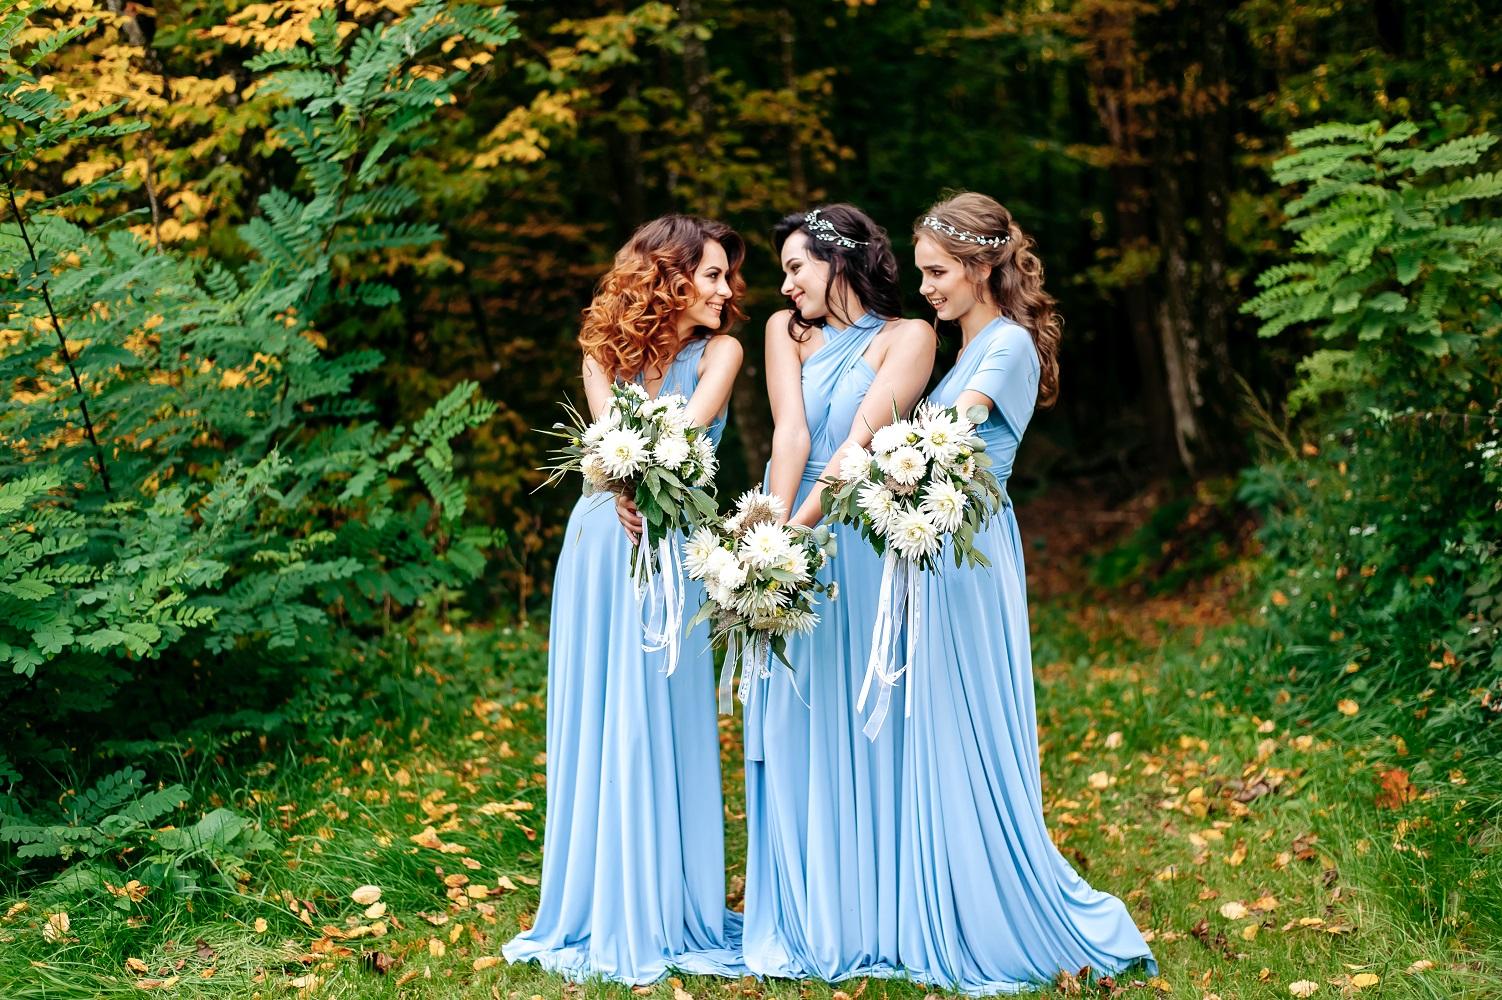 Sukienka Dla świadkowej Na ślub Cywilny Stylowo I Modnie Z Allani